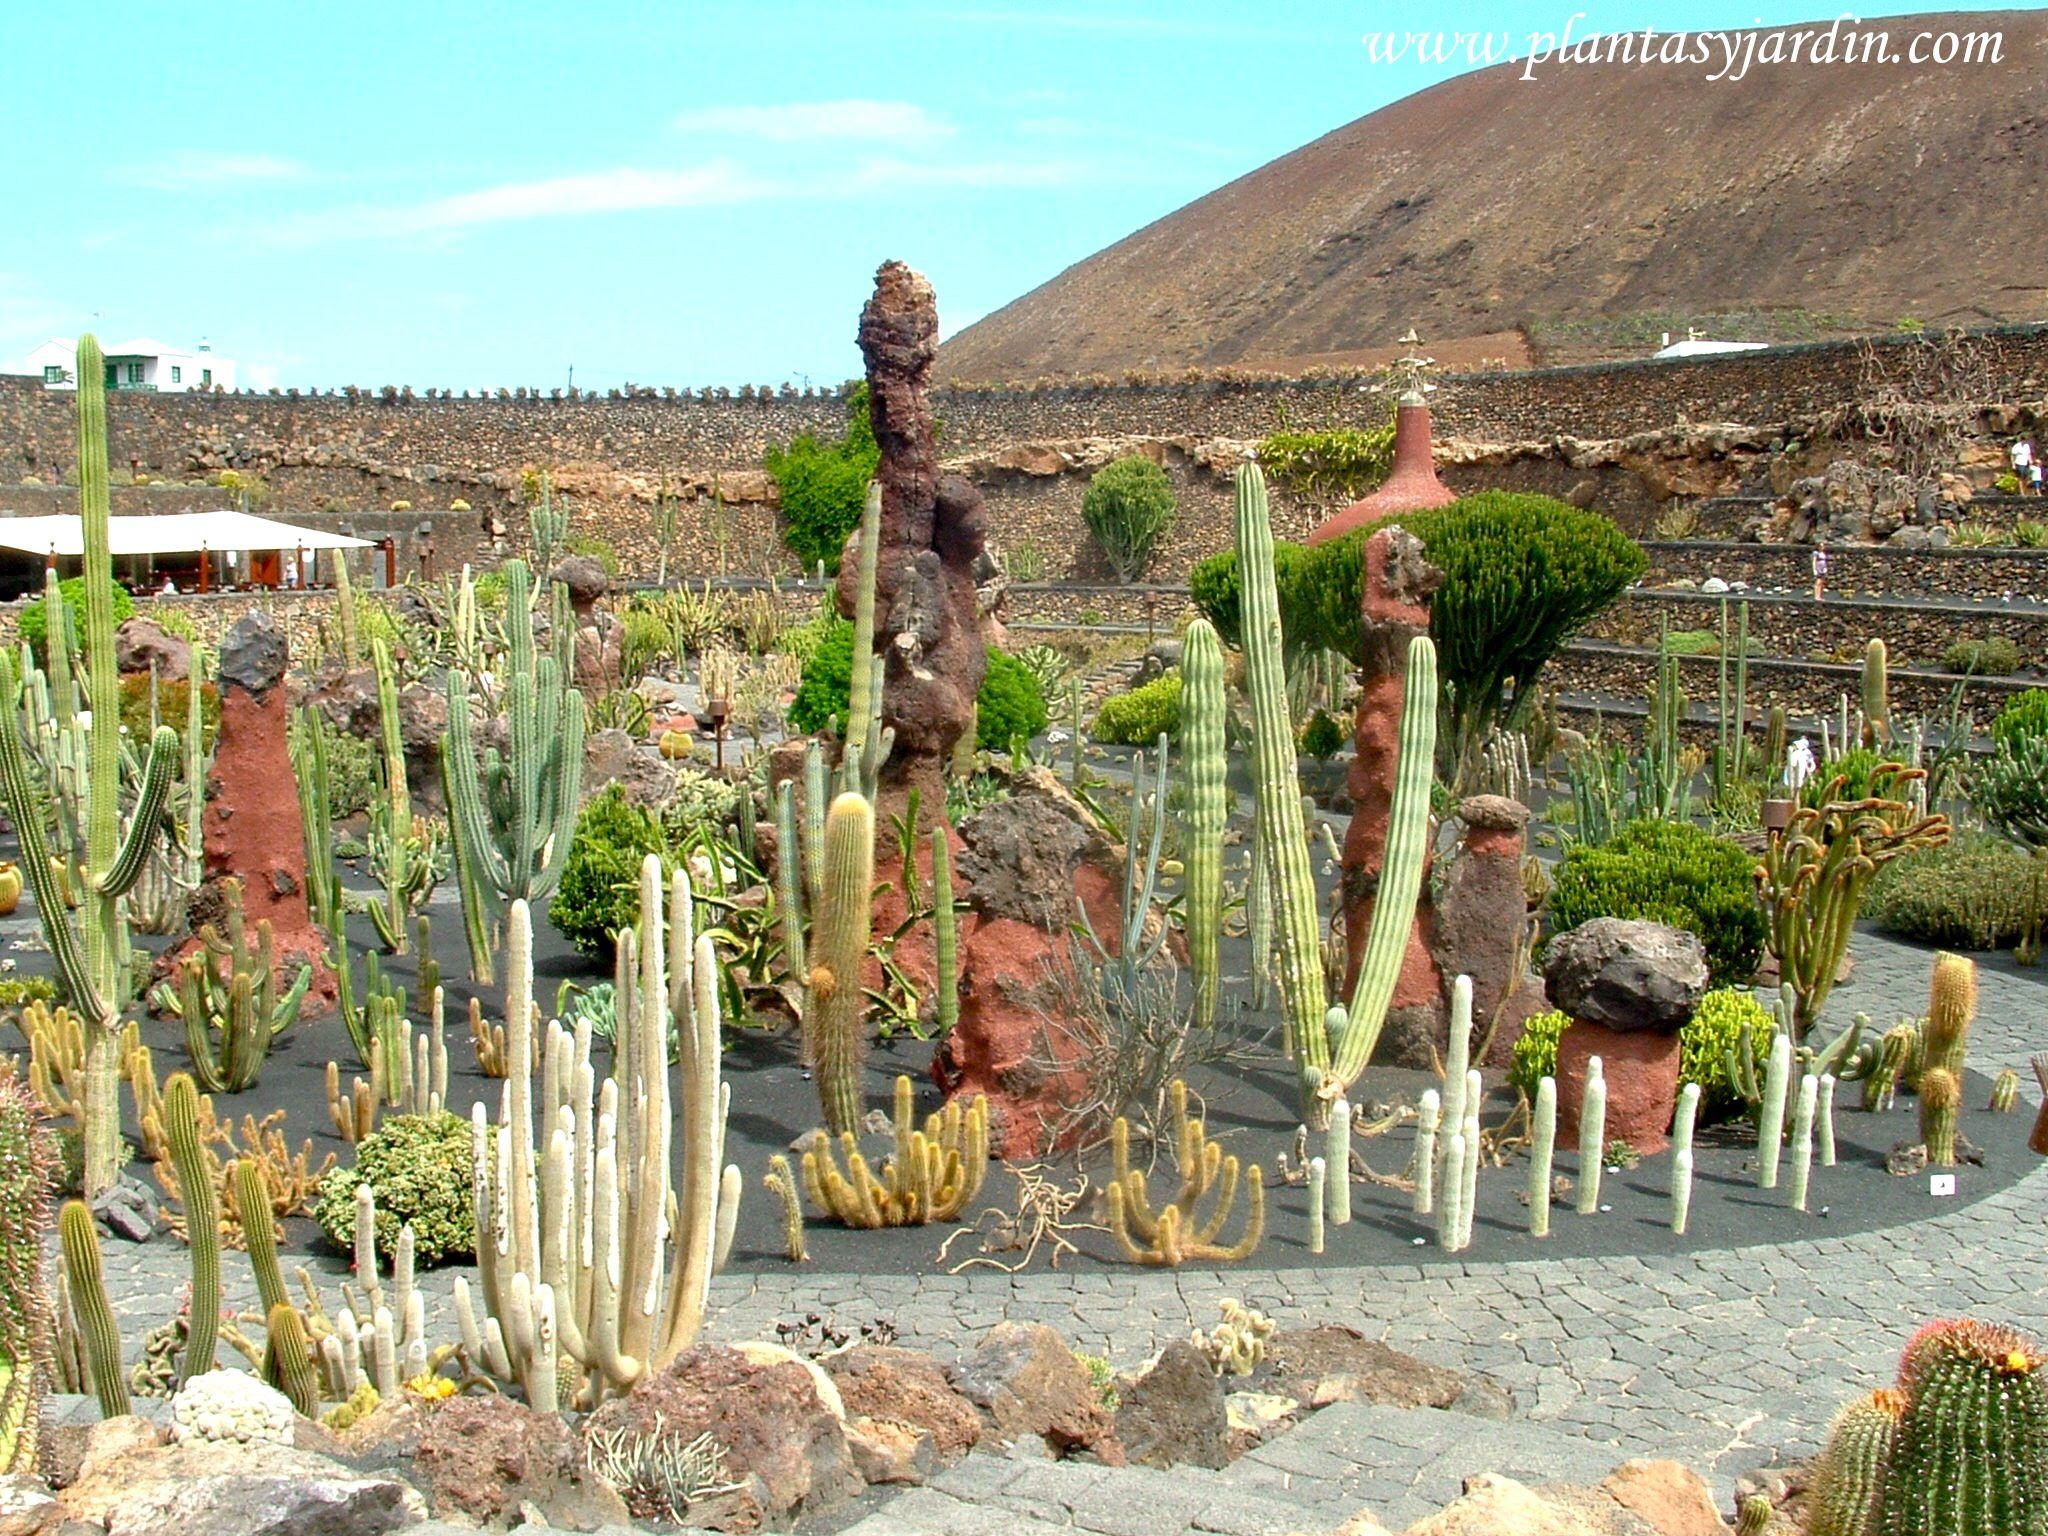 Jard n de cactus crasas creaci n del artista for Jardines con cactus